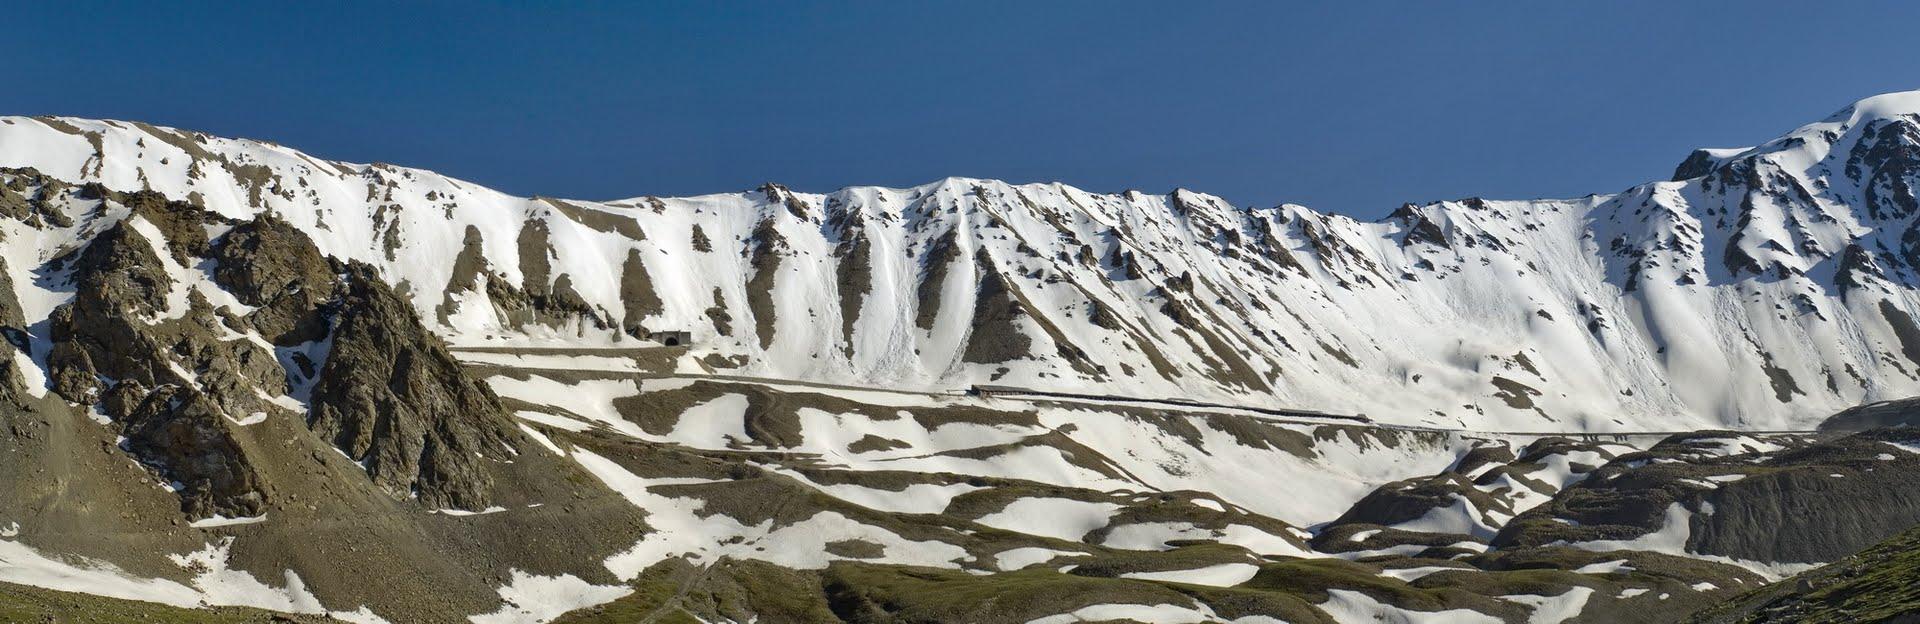 新疆维吾尔自治区 塔城地区